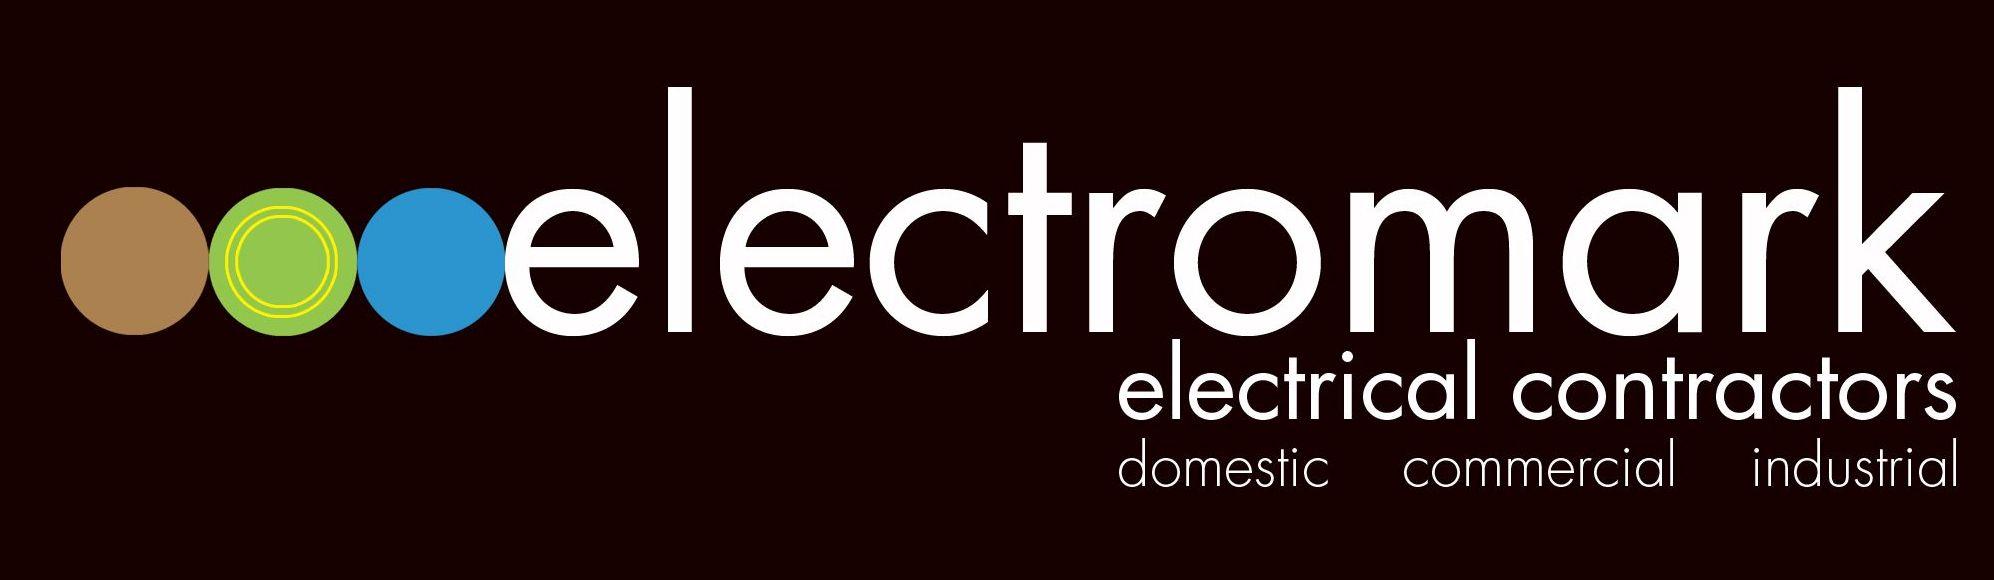 Electromark